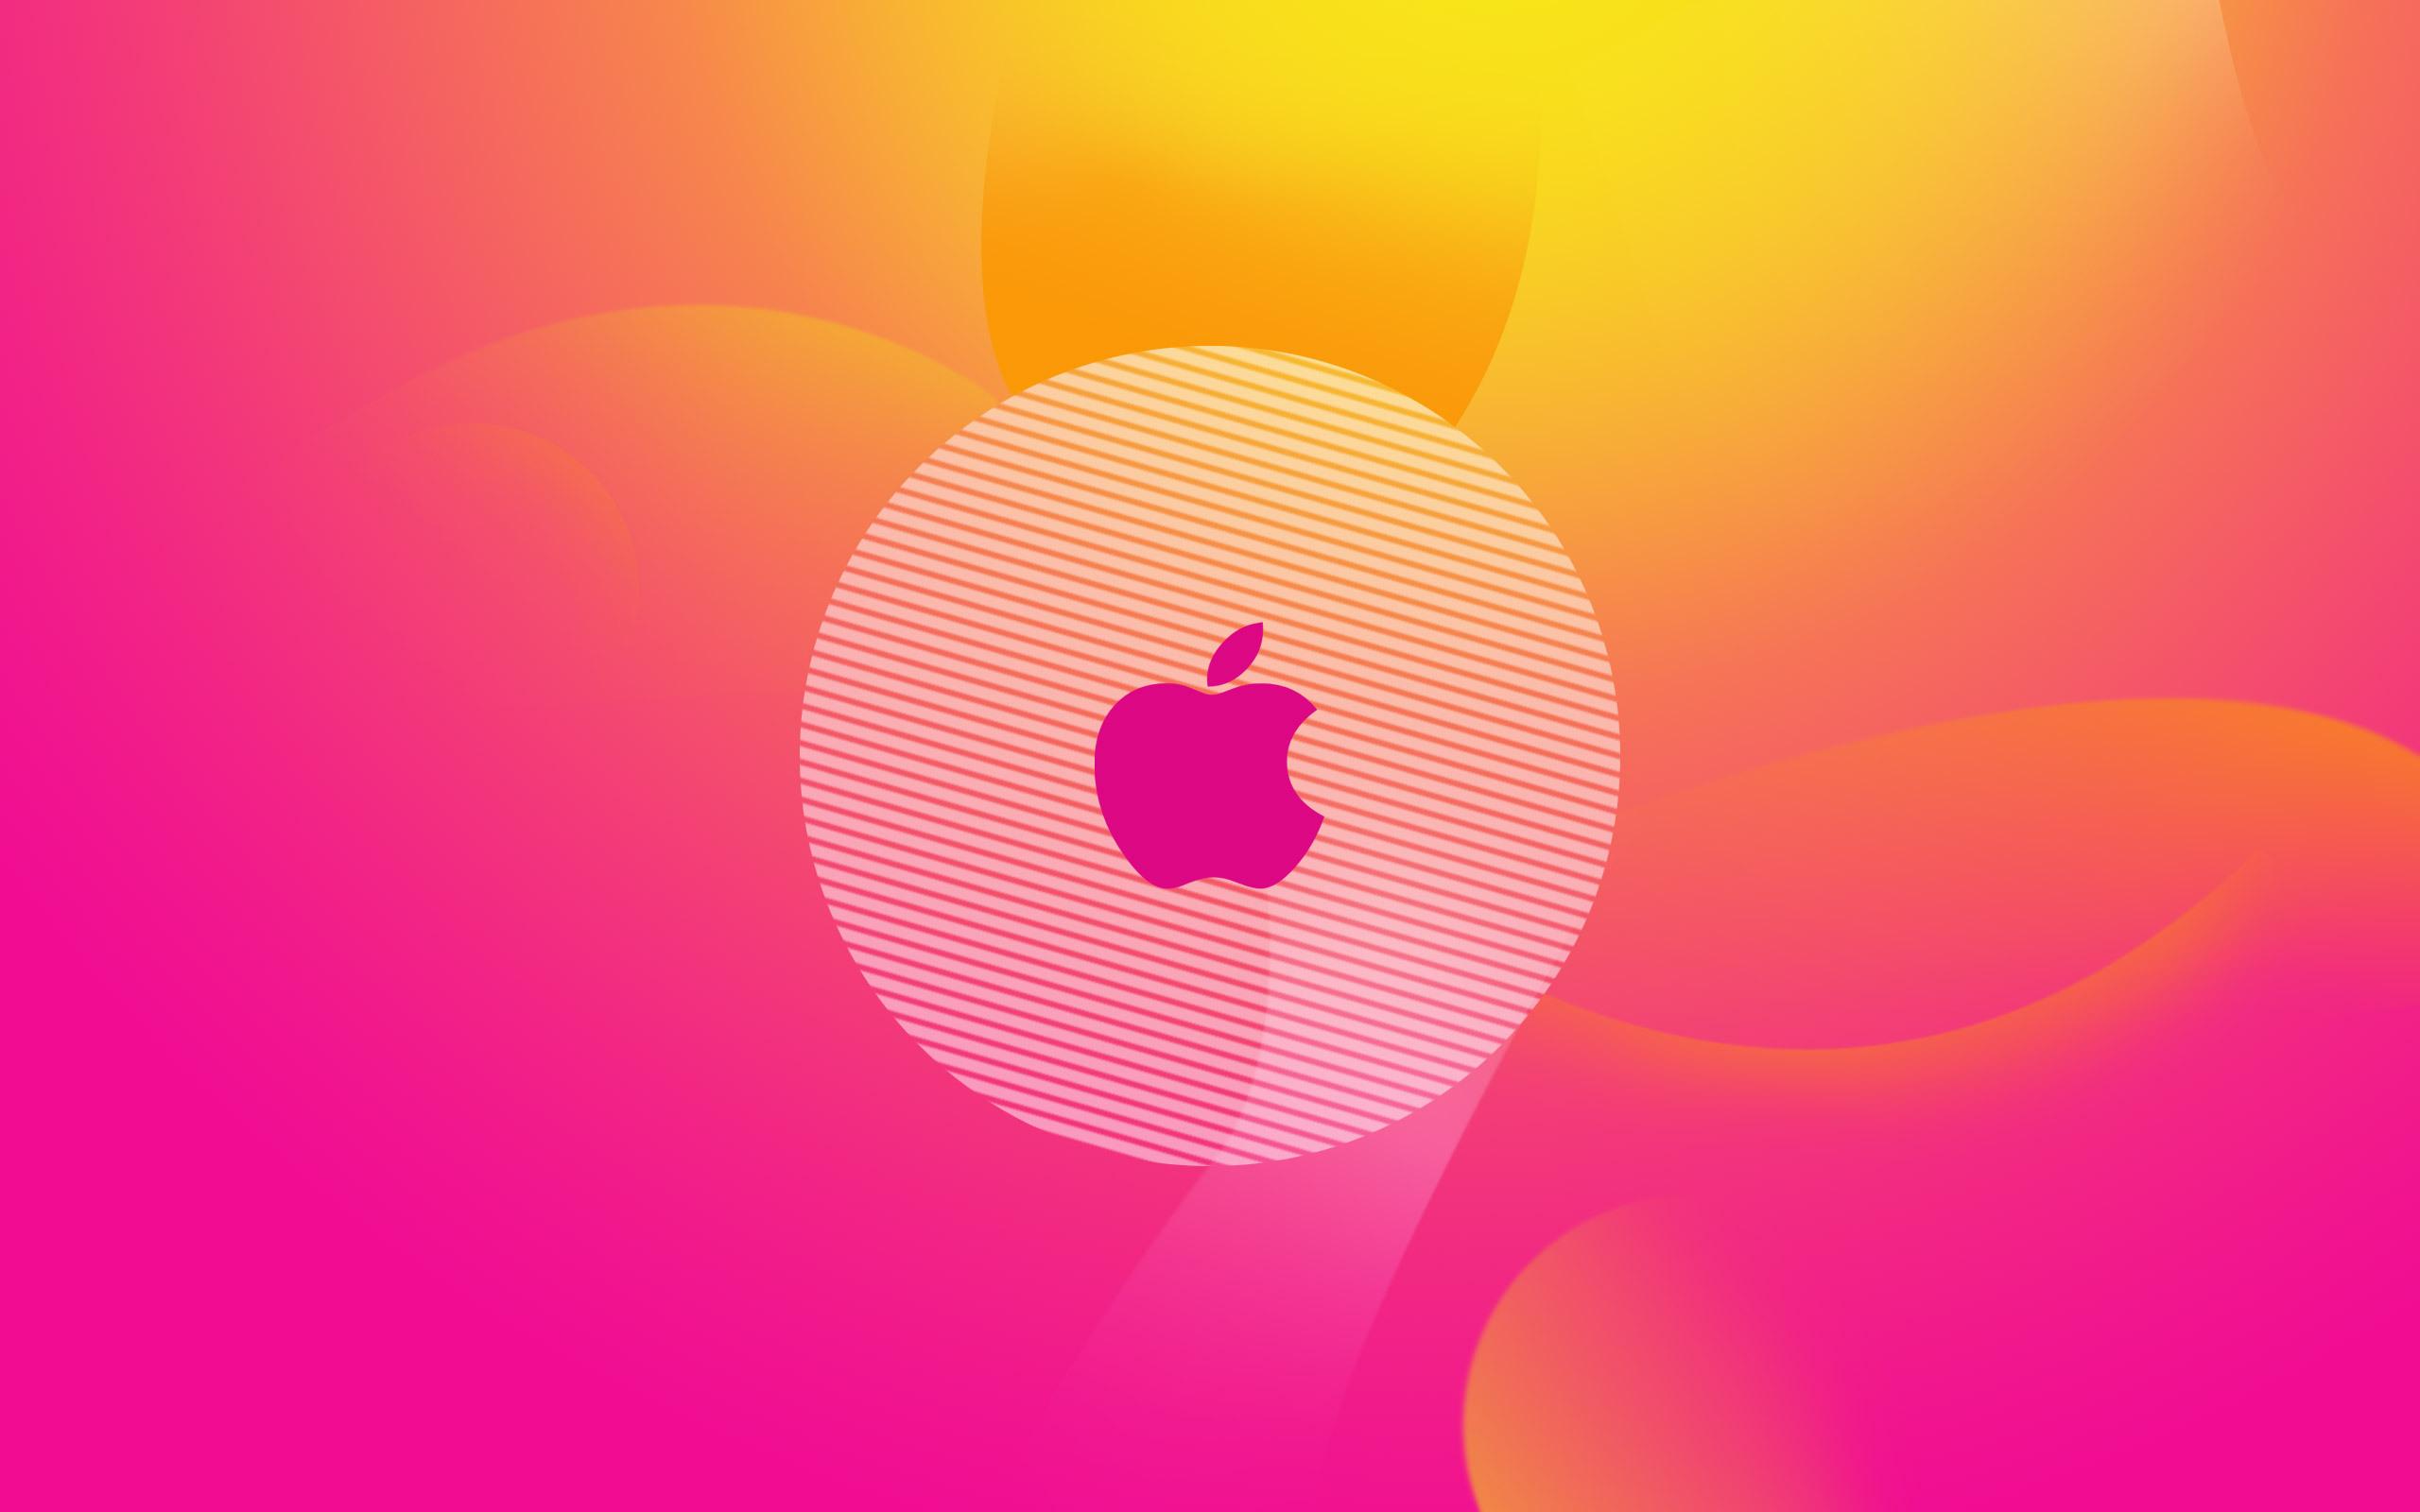 48273 скачать обои Бренды, Фон, Apple - заставки и картинки бесплатно